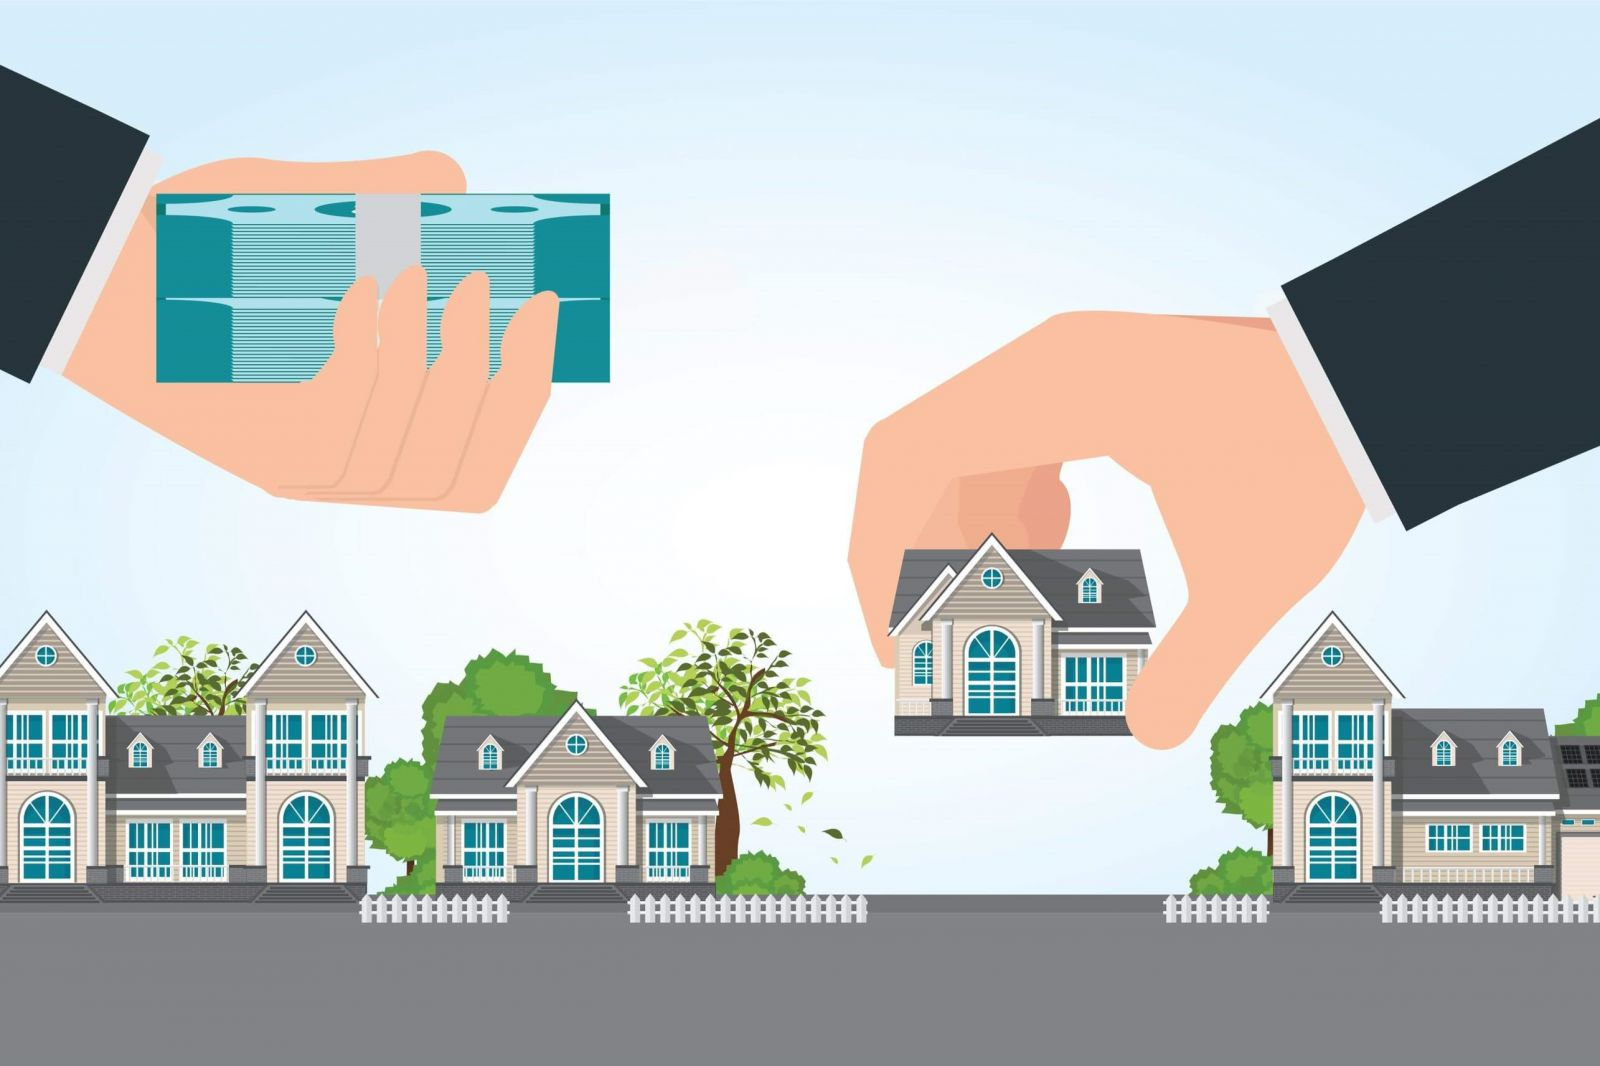 5 chiêu trò môi giới nhà đất phổ biến người mua cần biết